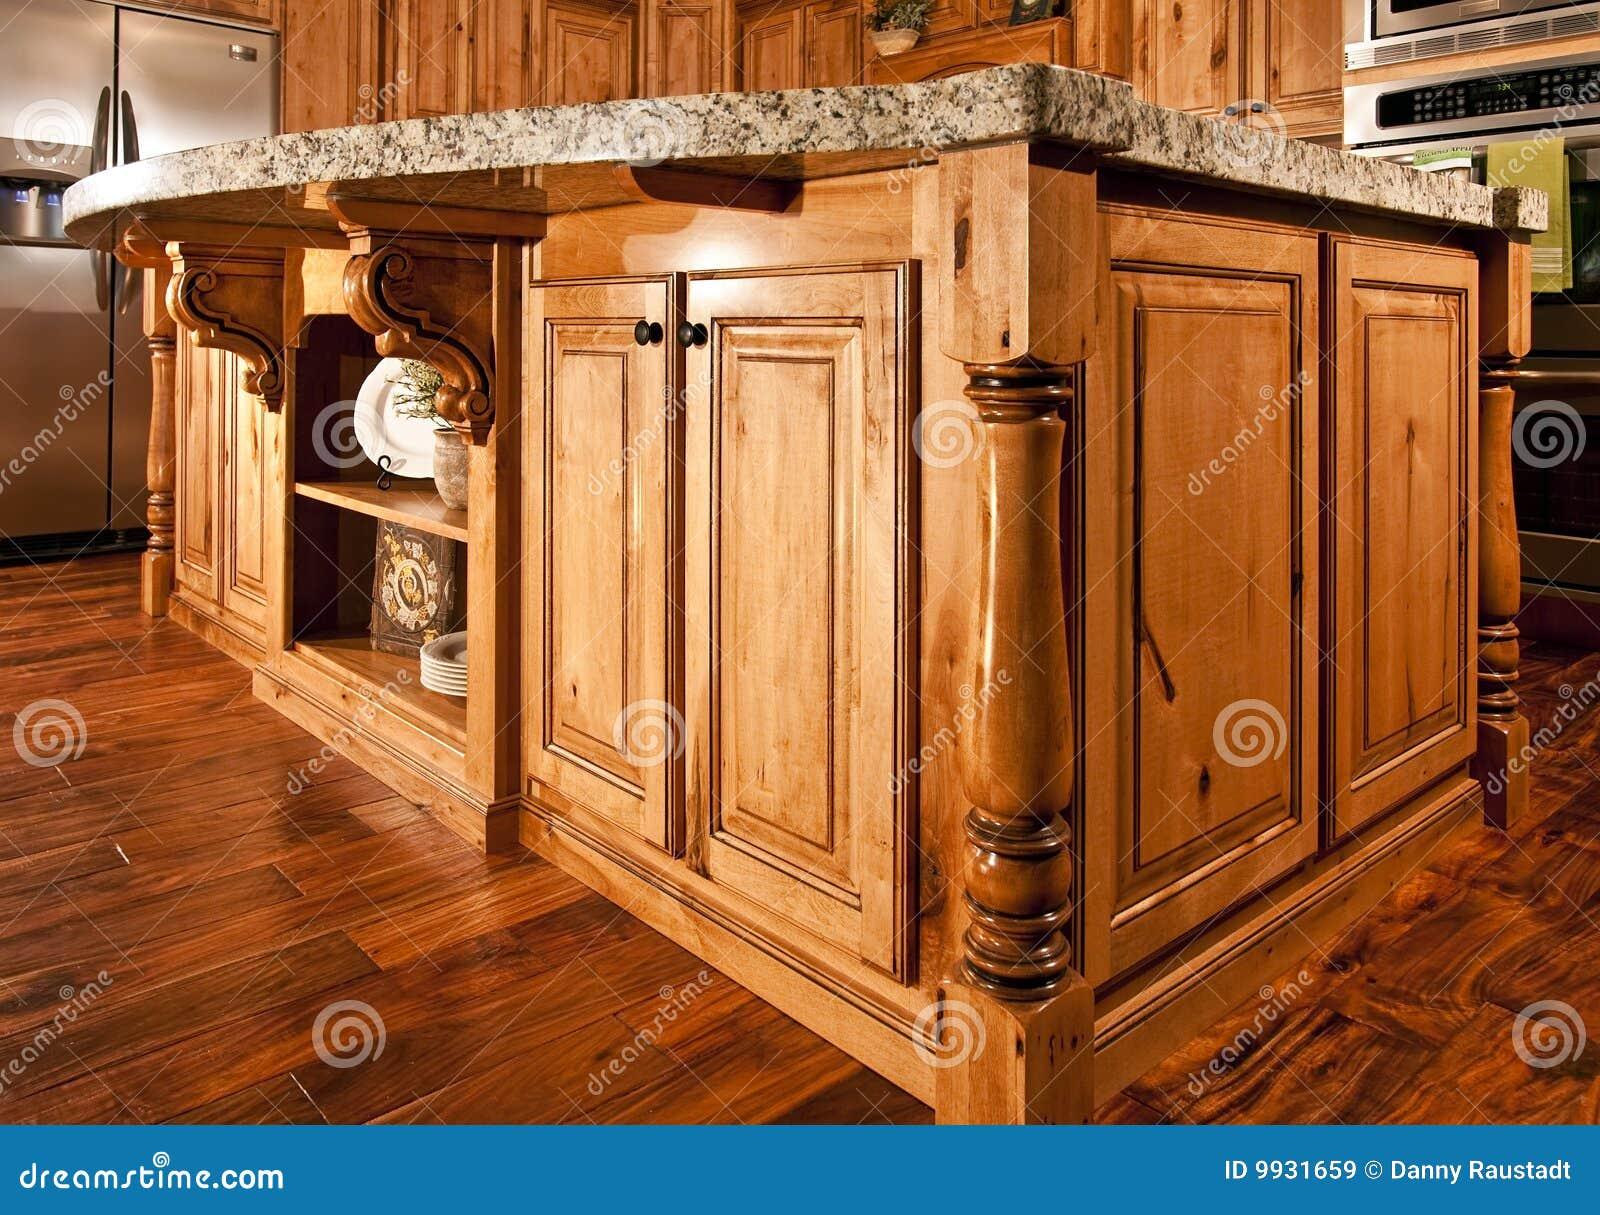 Cuisine centrale d 39 le de maison de partie sup rieure du - Comptoir central d electricite perpignan ...